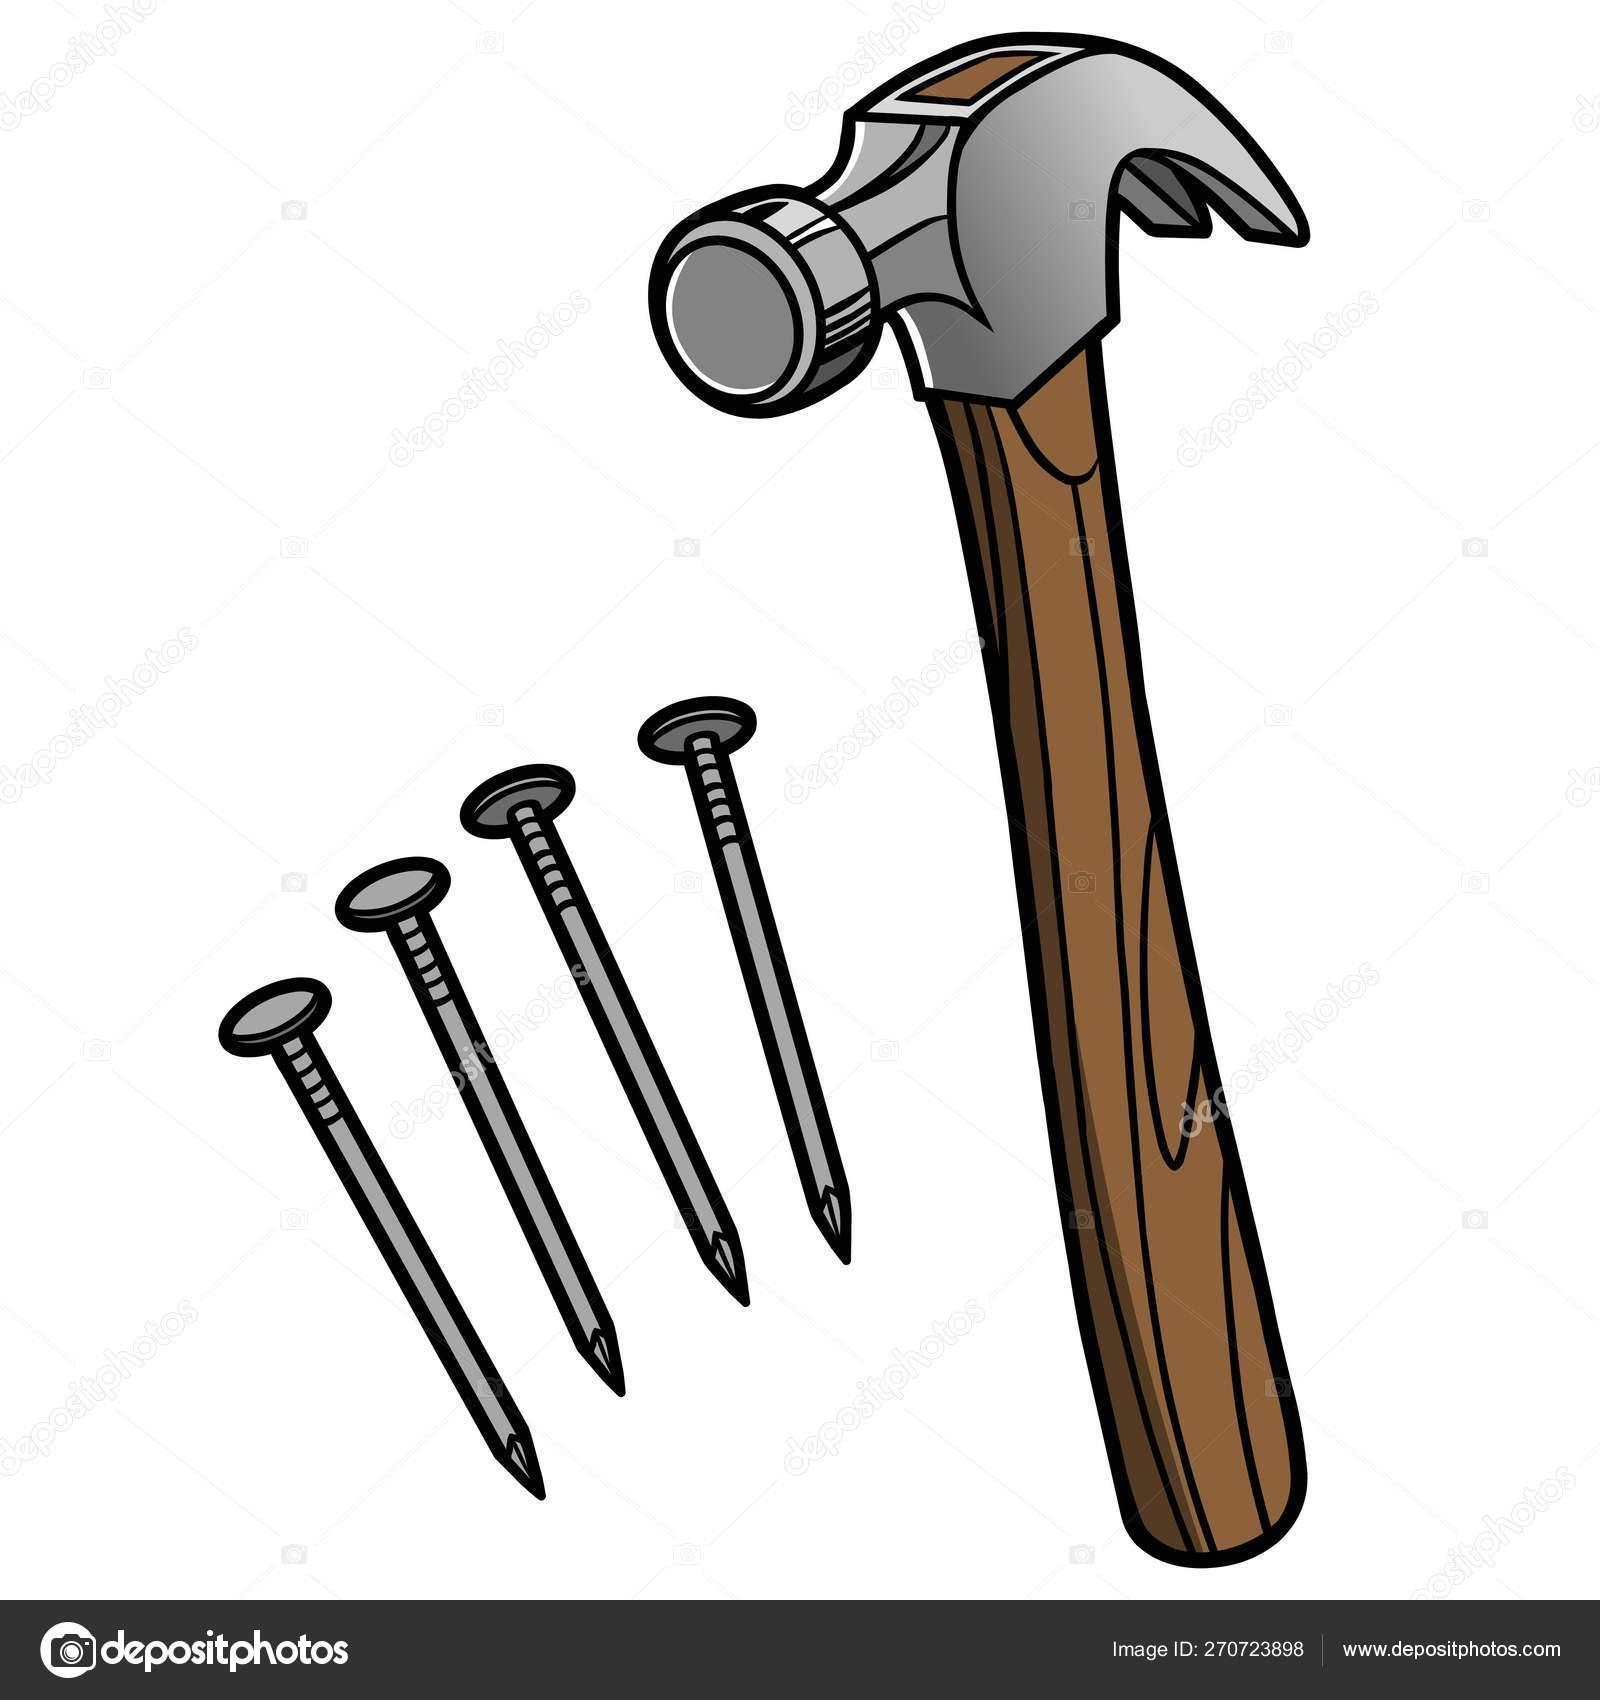 Hammer Nails Cartoon Illustration Hammer Nails \u2014 Stock